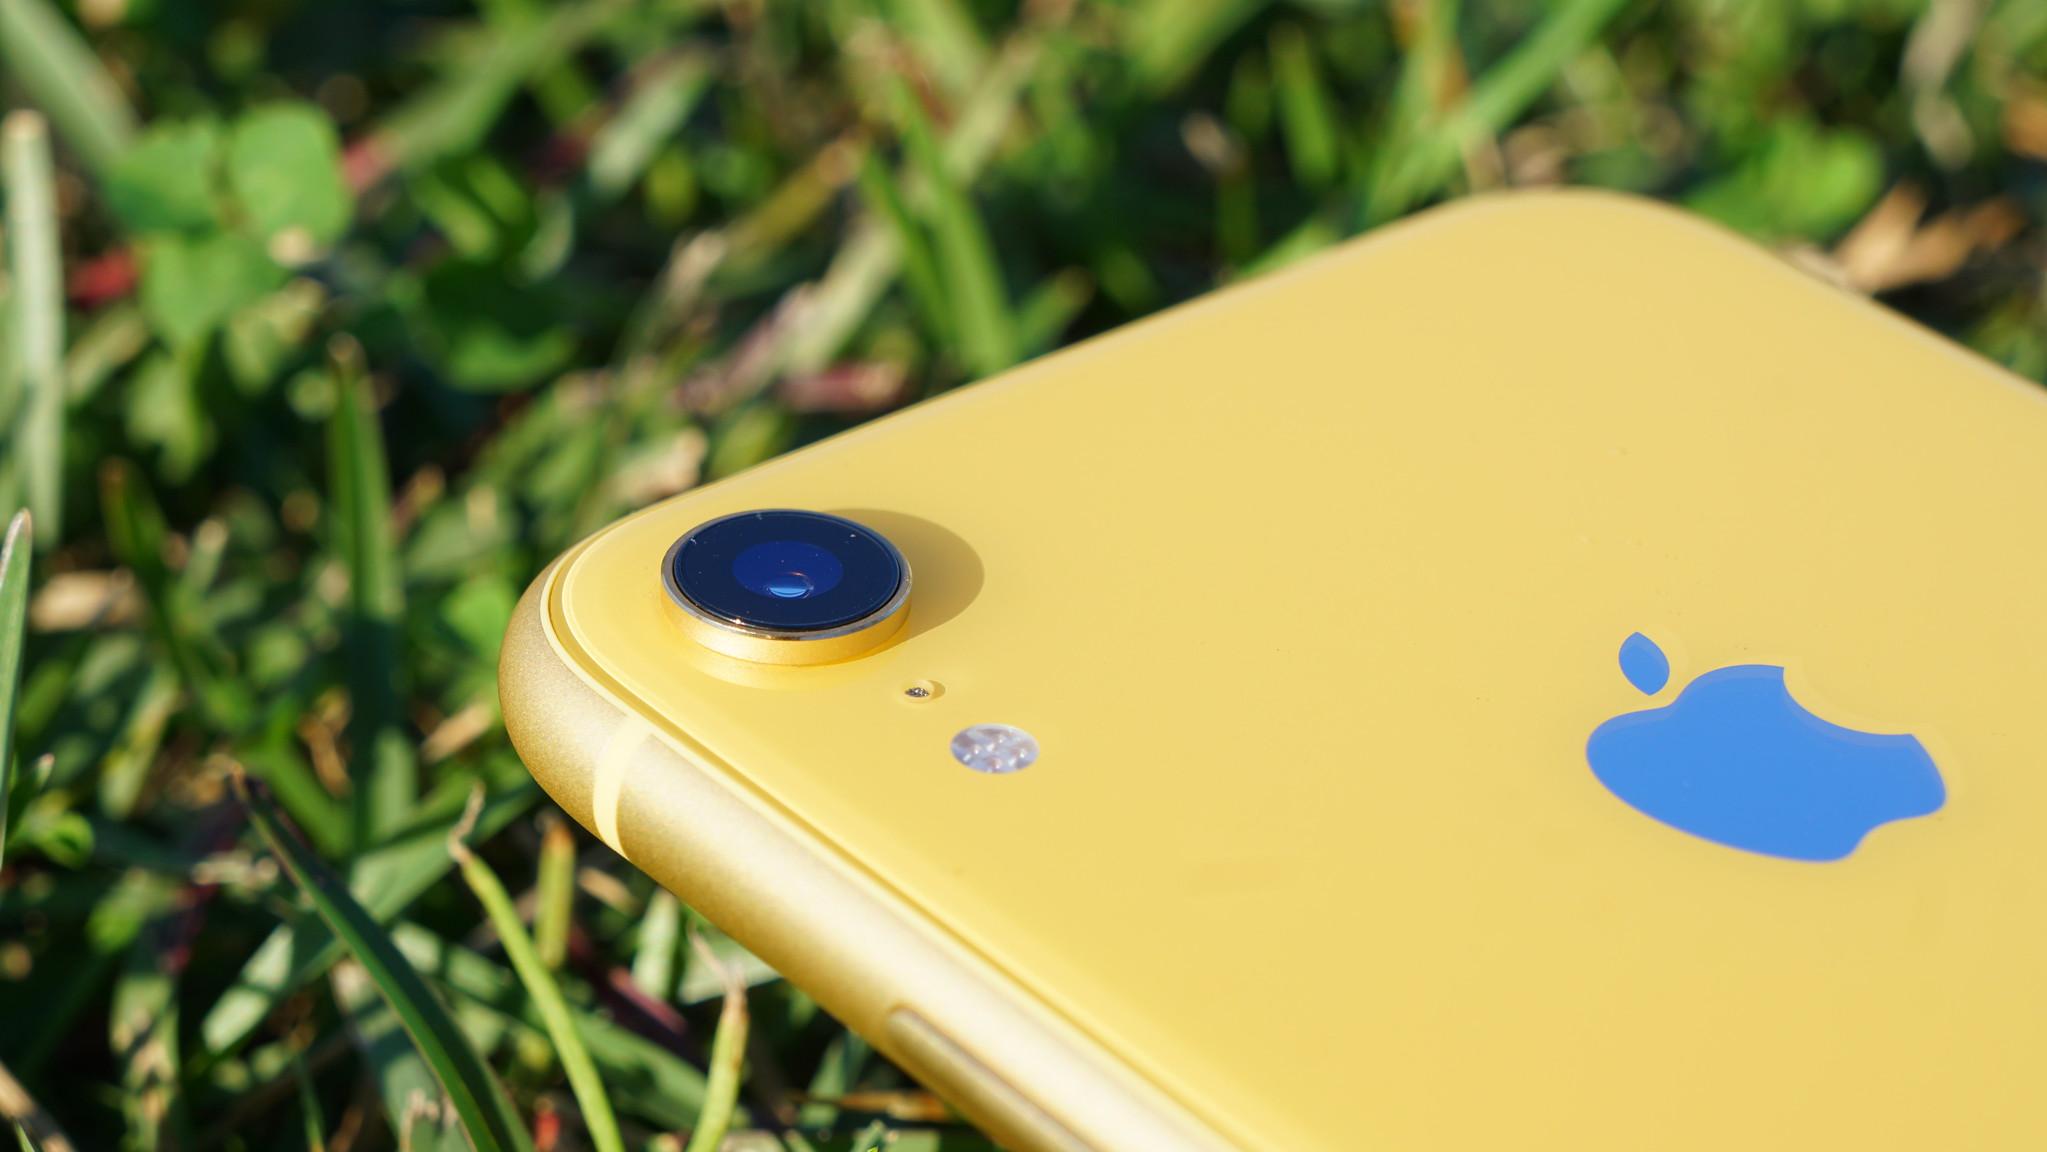 次期iPhone XRはデュアルカメラを搭載か